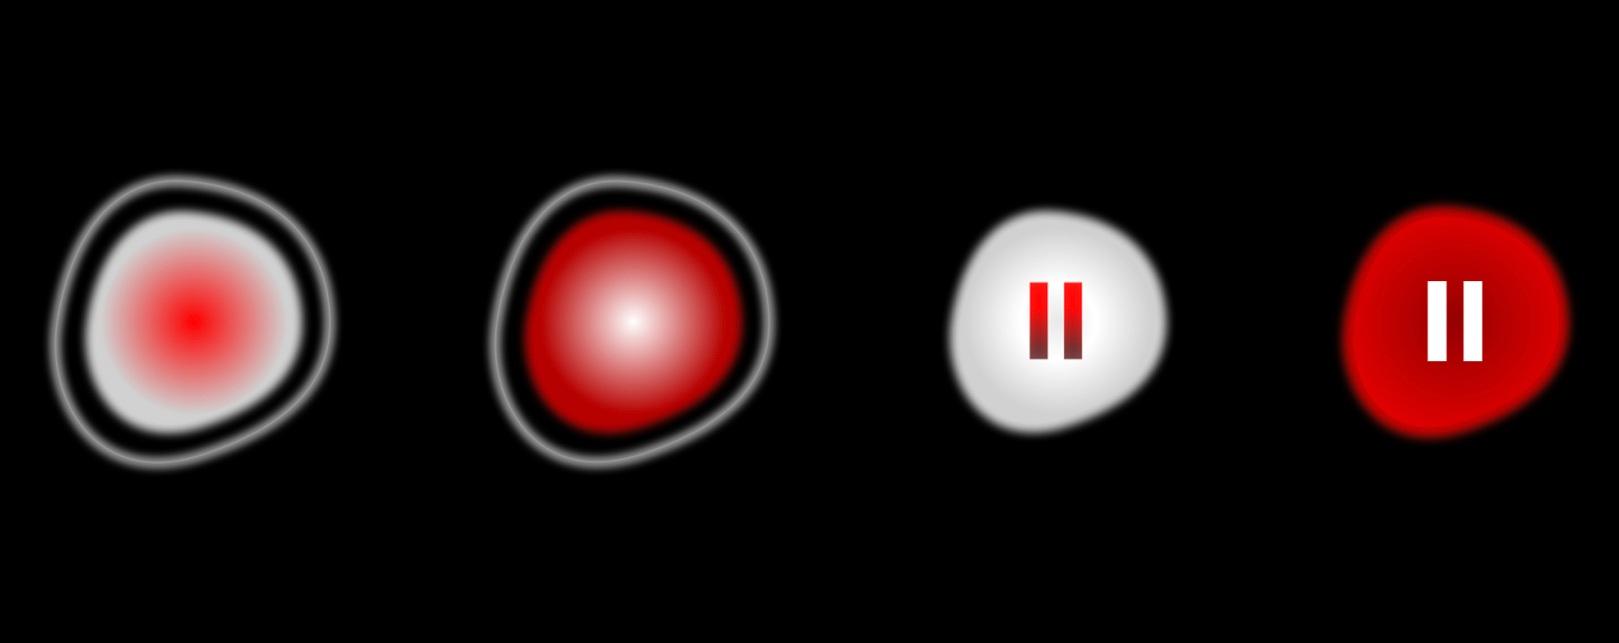 visualexplorations_ofsid.002.jpg